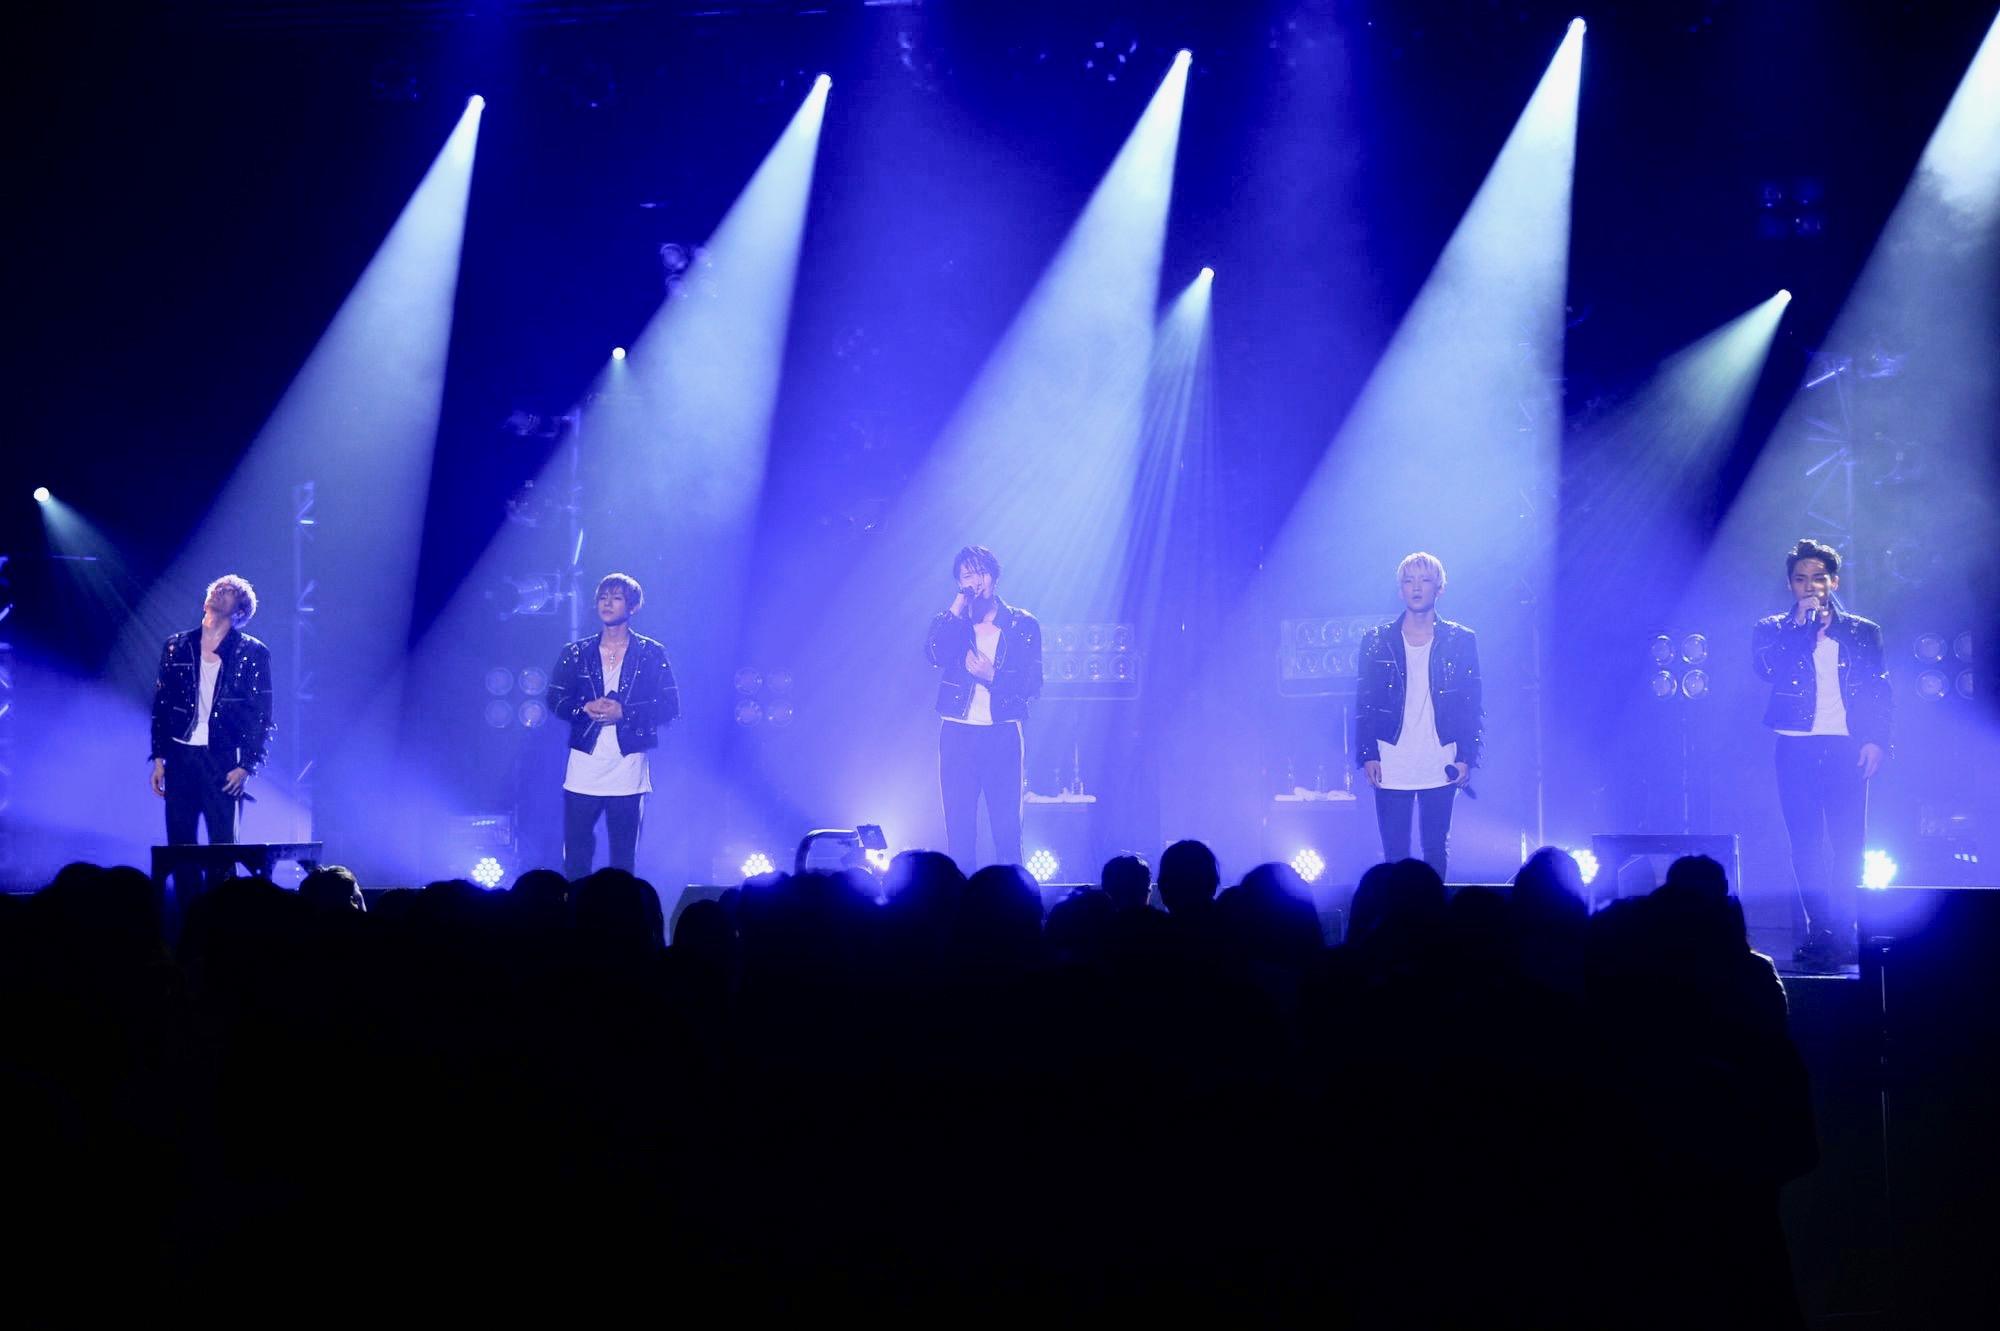 全国ツアー『X4 LIVE TOUR 2017 -Xross Mate-』の追加公演セミファイナルを開催したX4